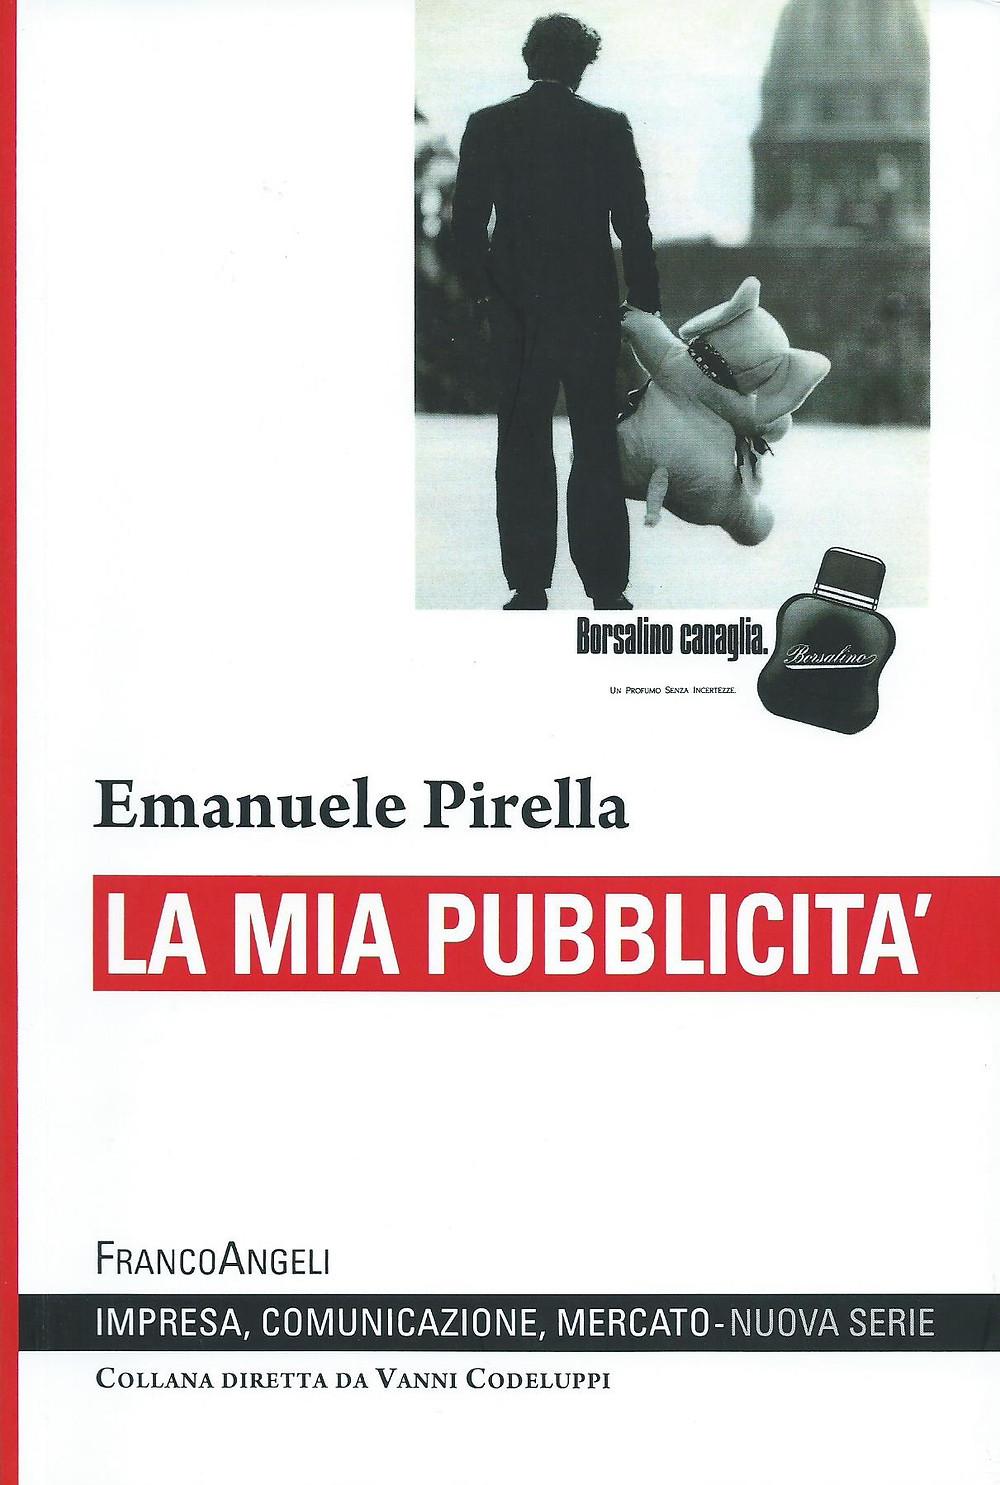 Emanuele Pirella, La mia pubblicità